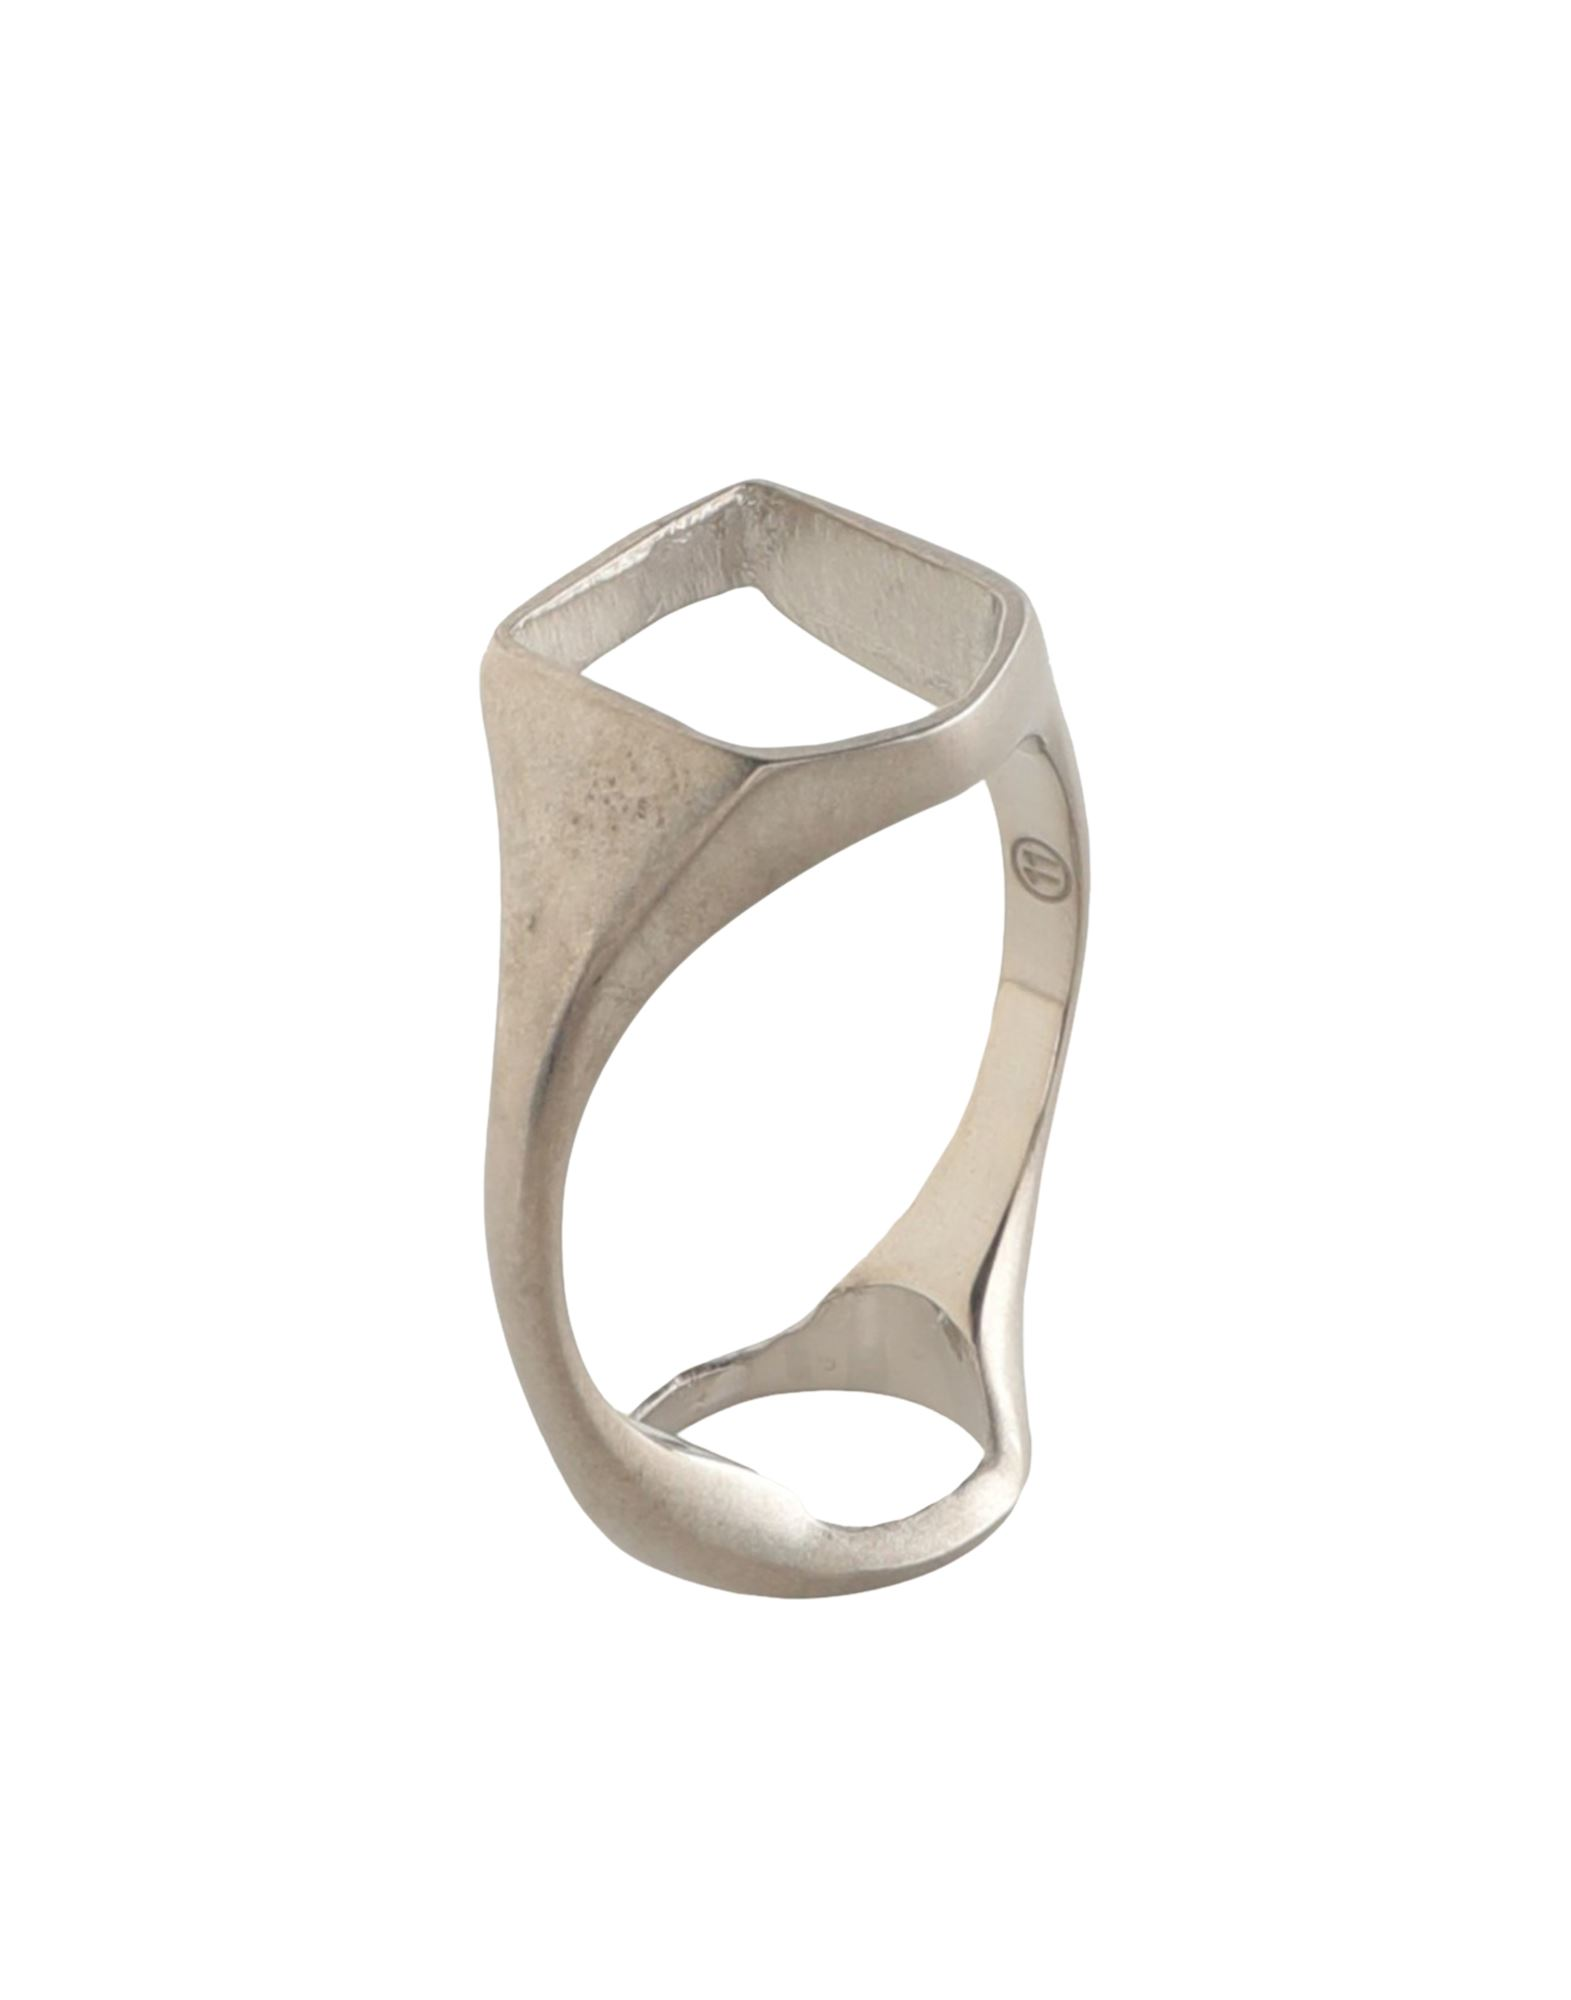 《セール開催中》MAISON MARGIELA メンズ 指輪 シルバー S シルバー925/1000 100%